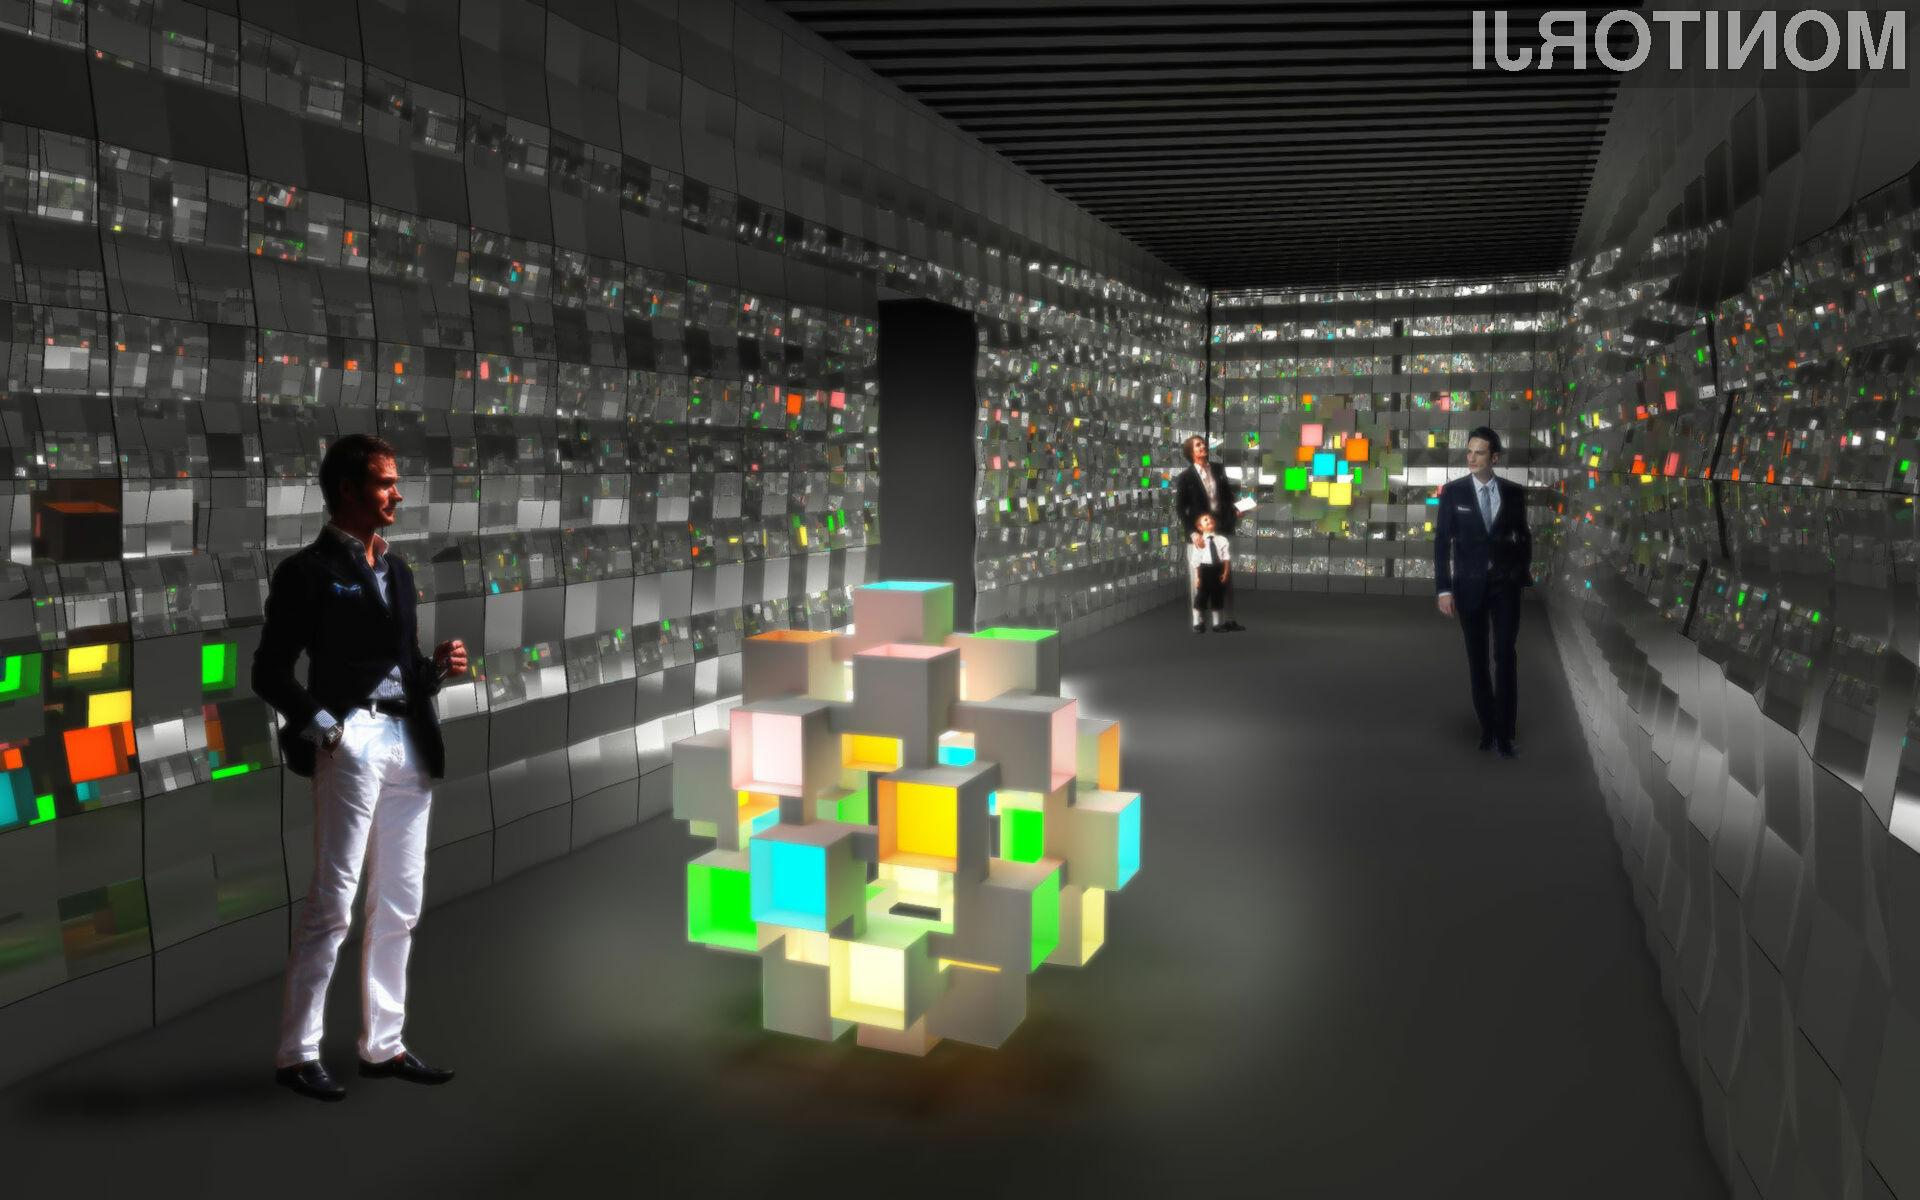 Podjetje Verbatim je predstavilo zanimive OLED module VELVE OLED (organic light-emitting diode), katere bodo lahko notranji oblikovalci, inženirji in arhitekti uporabili za enostavno in hitro kreiranje ustvarjalne sheme notranje razsvetljave.